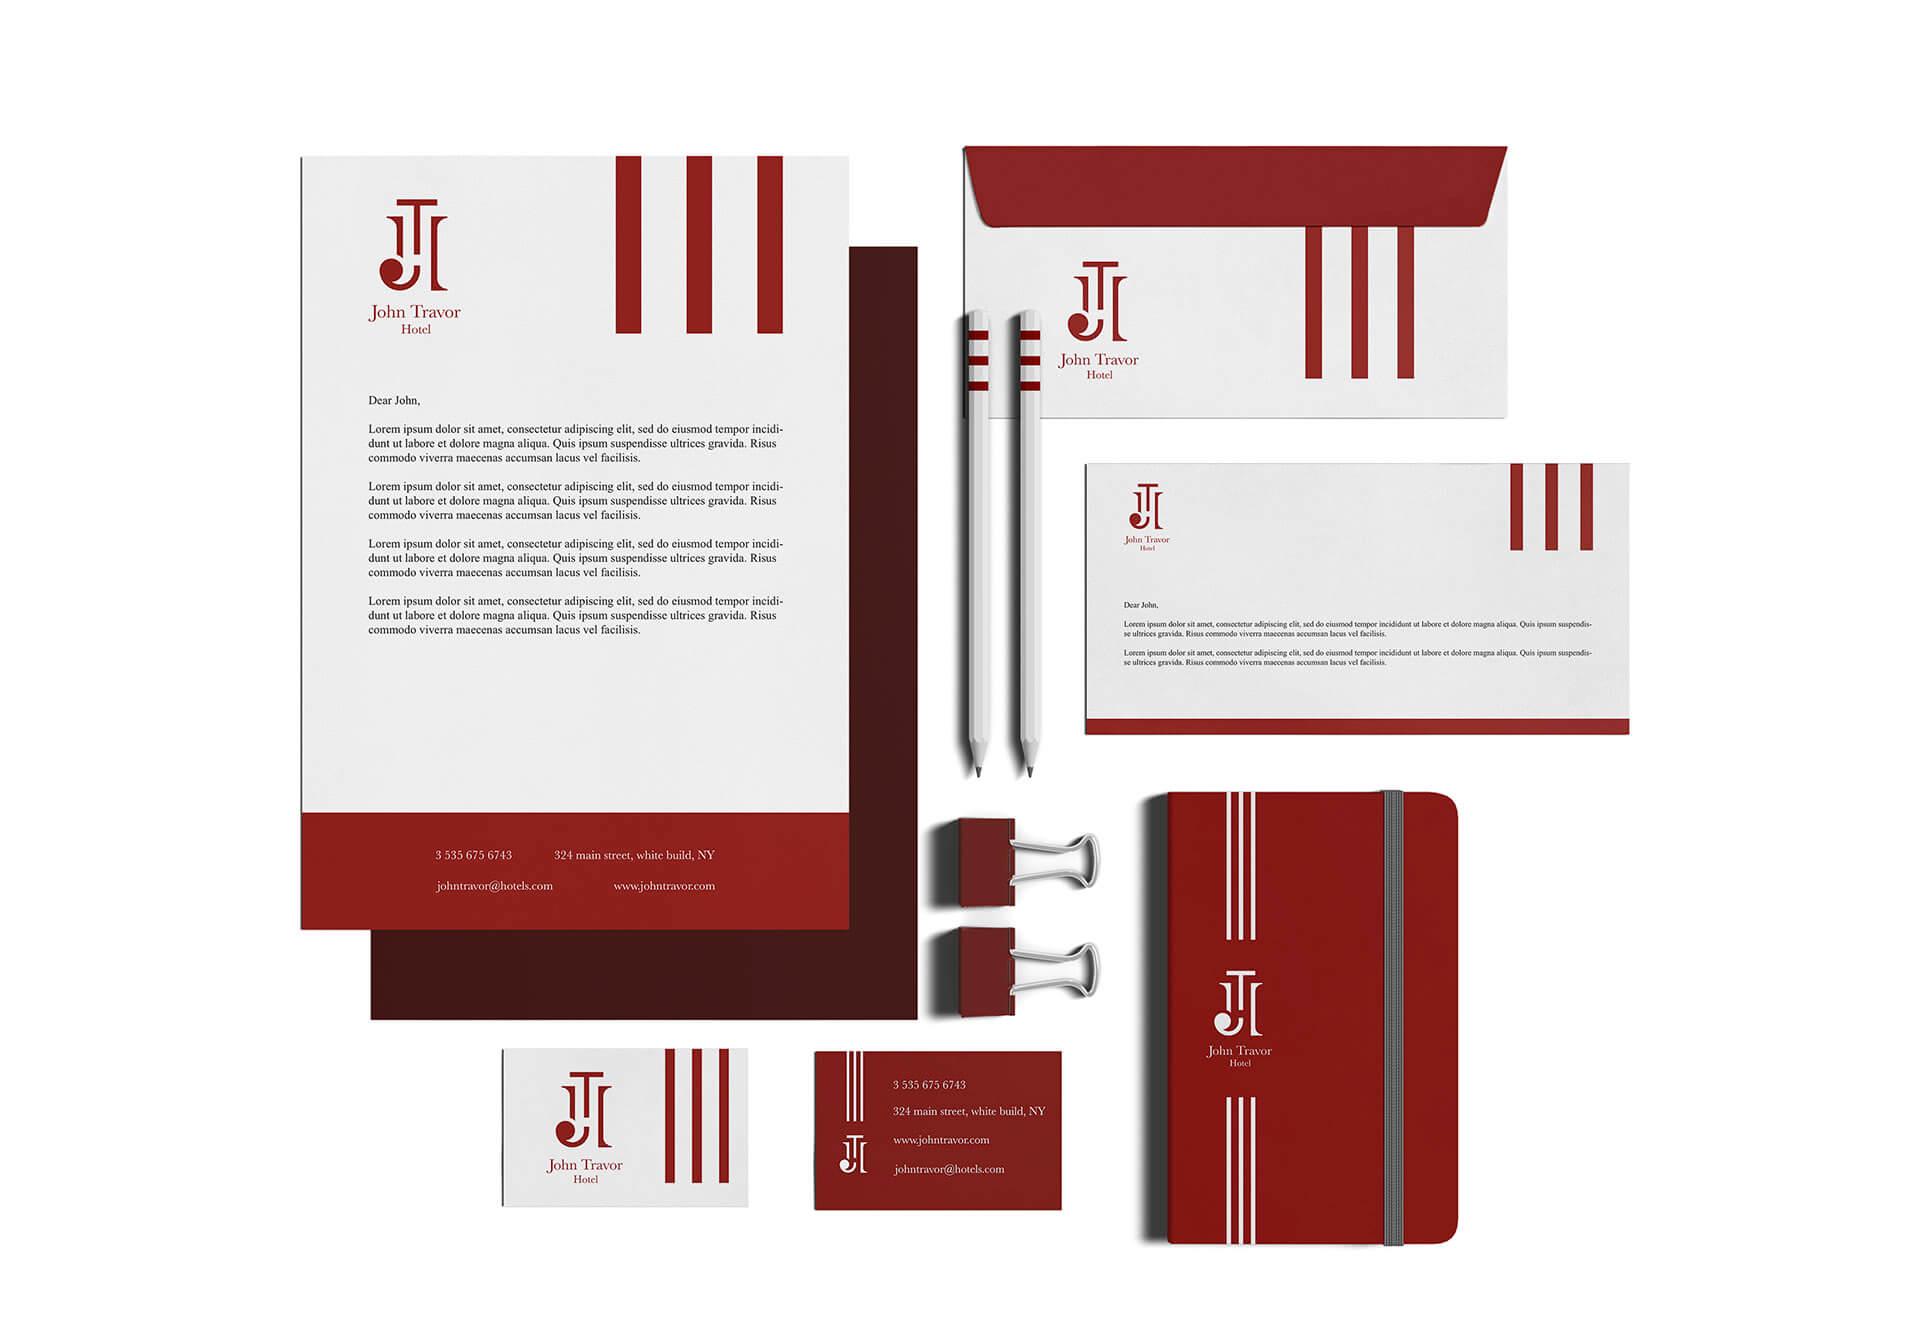 logo e brand identity design di john travor hotel su carta intestata e biglietti da visita bianchi e su agenda rossa. tutti gli oggetti sono su sfondo bianco